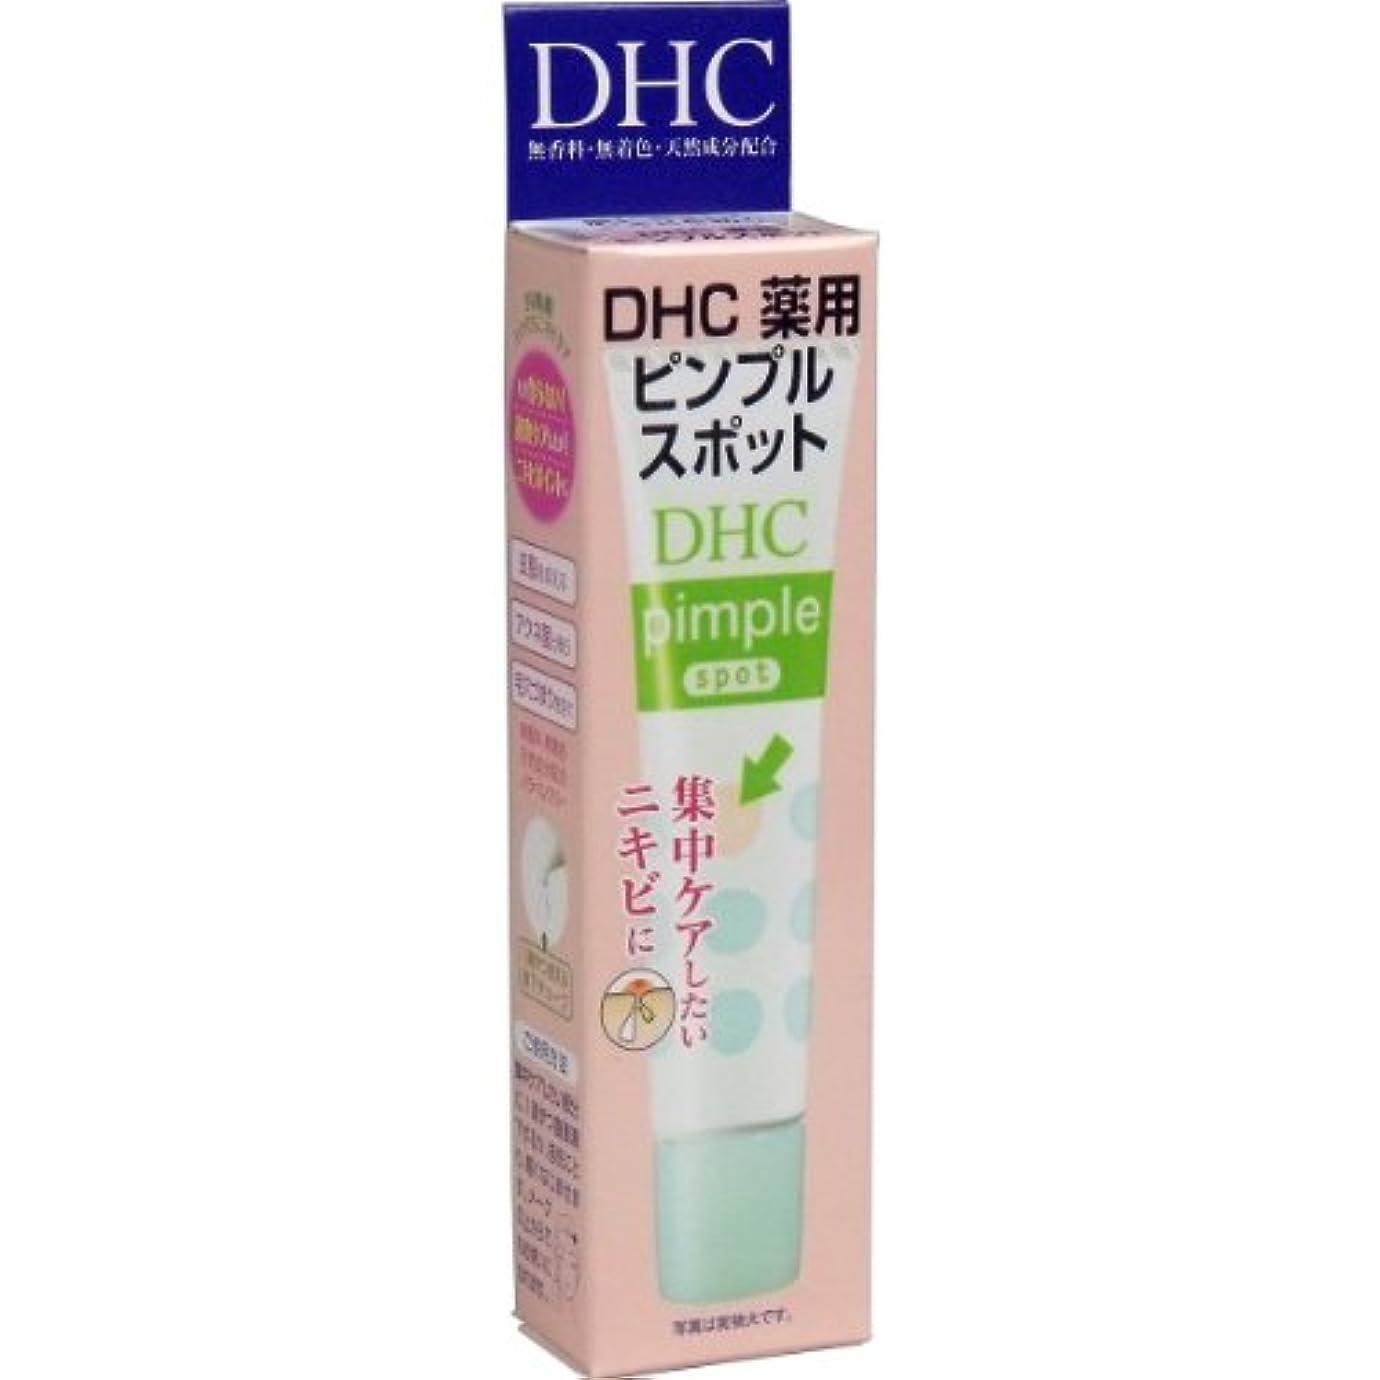 代わって強化すると【DHC】DHC 薬用ピンプルスポット 15ml ×10個セット